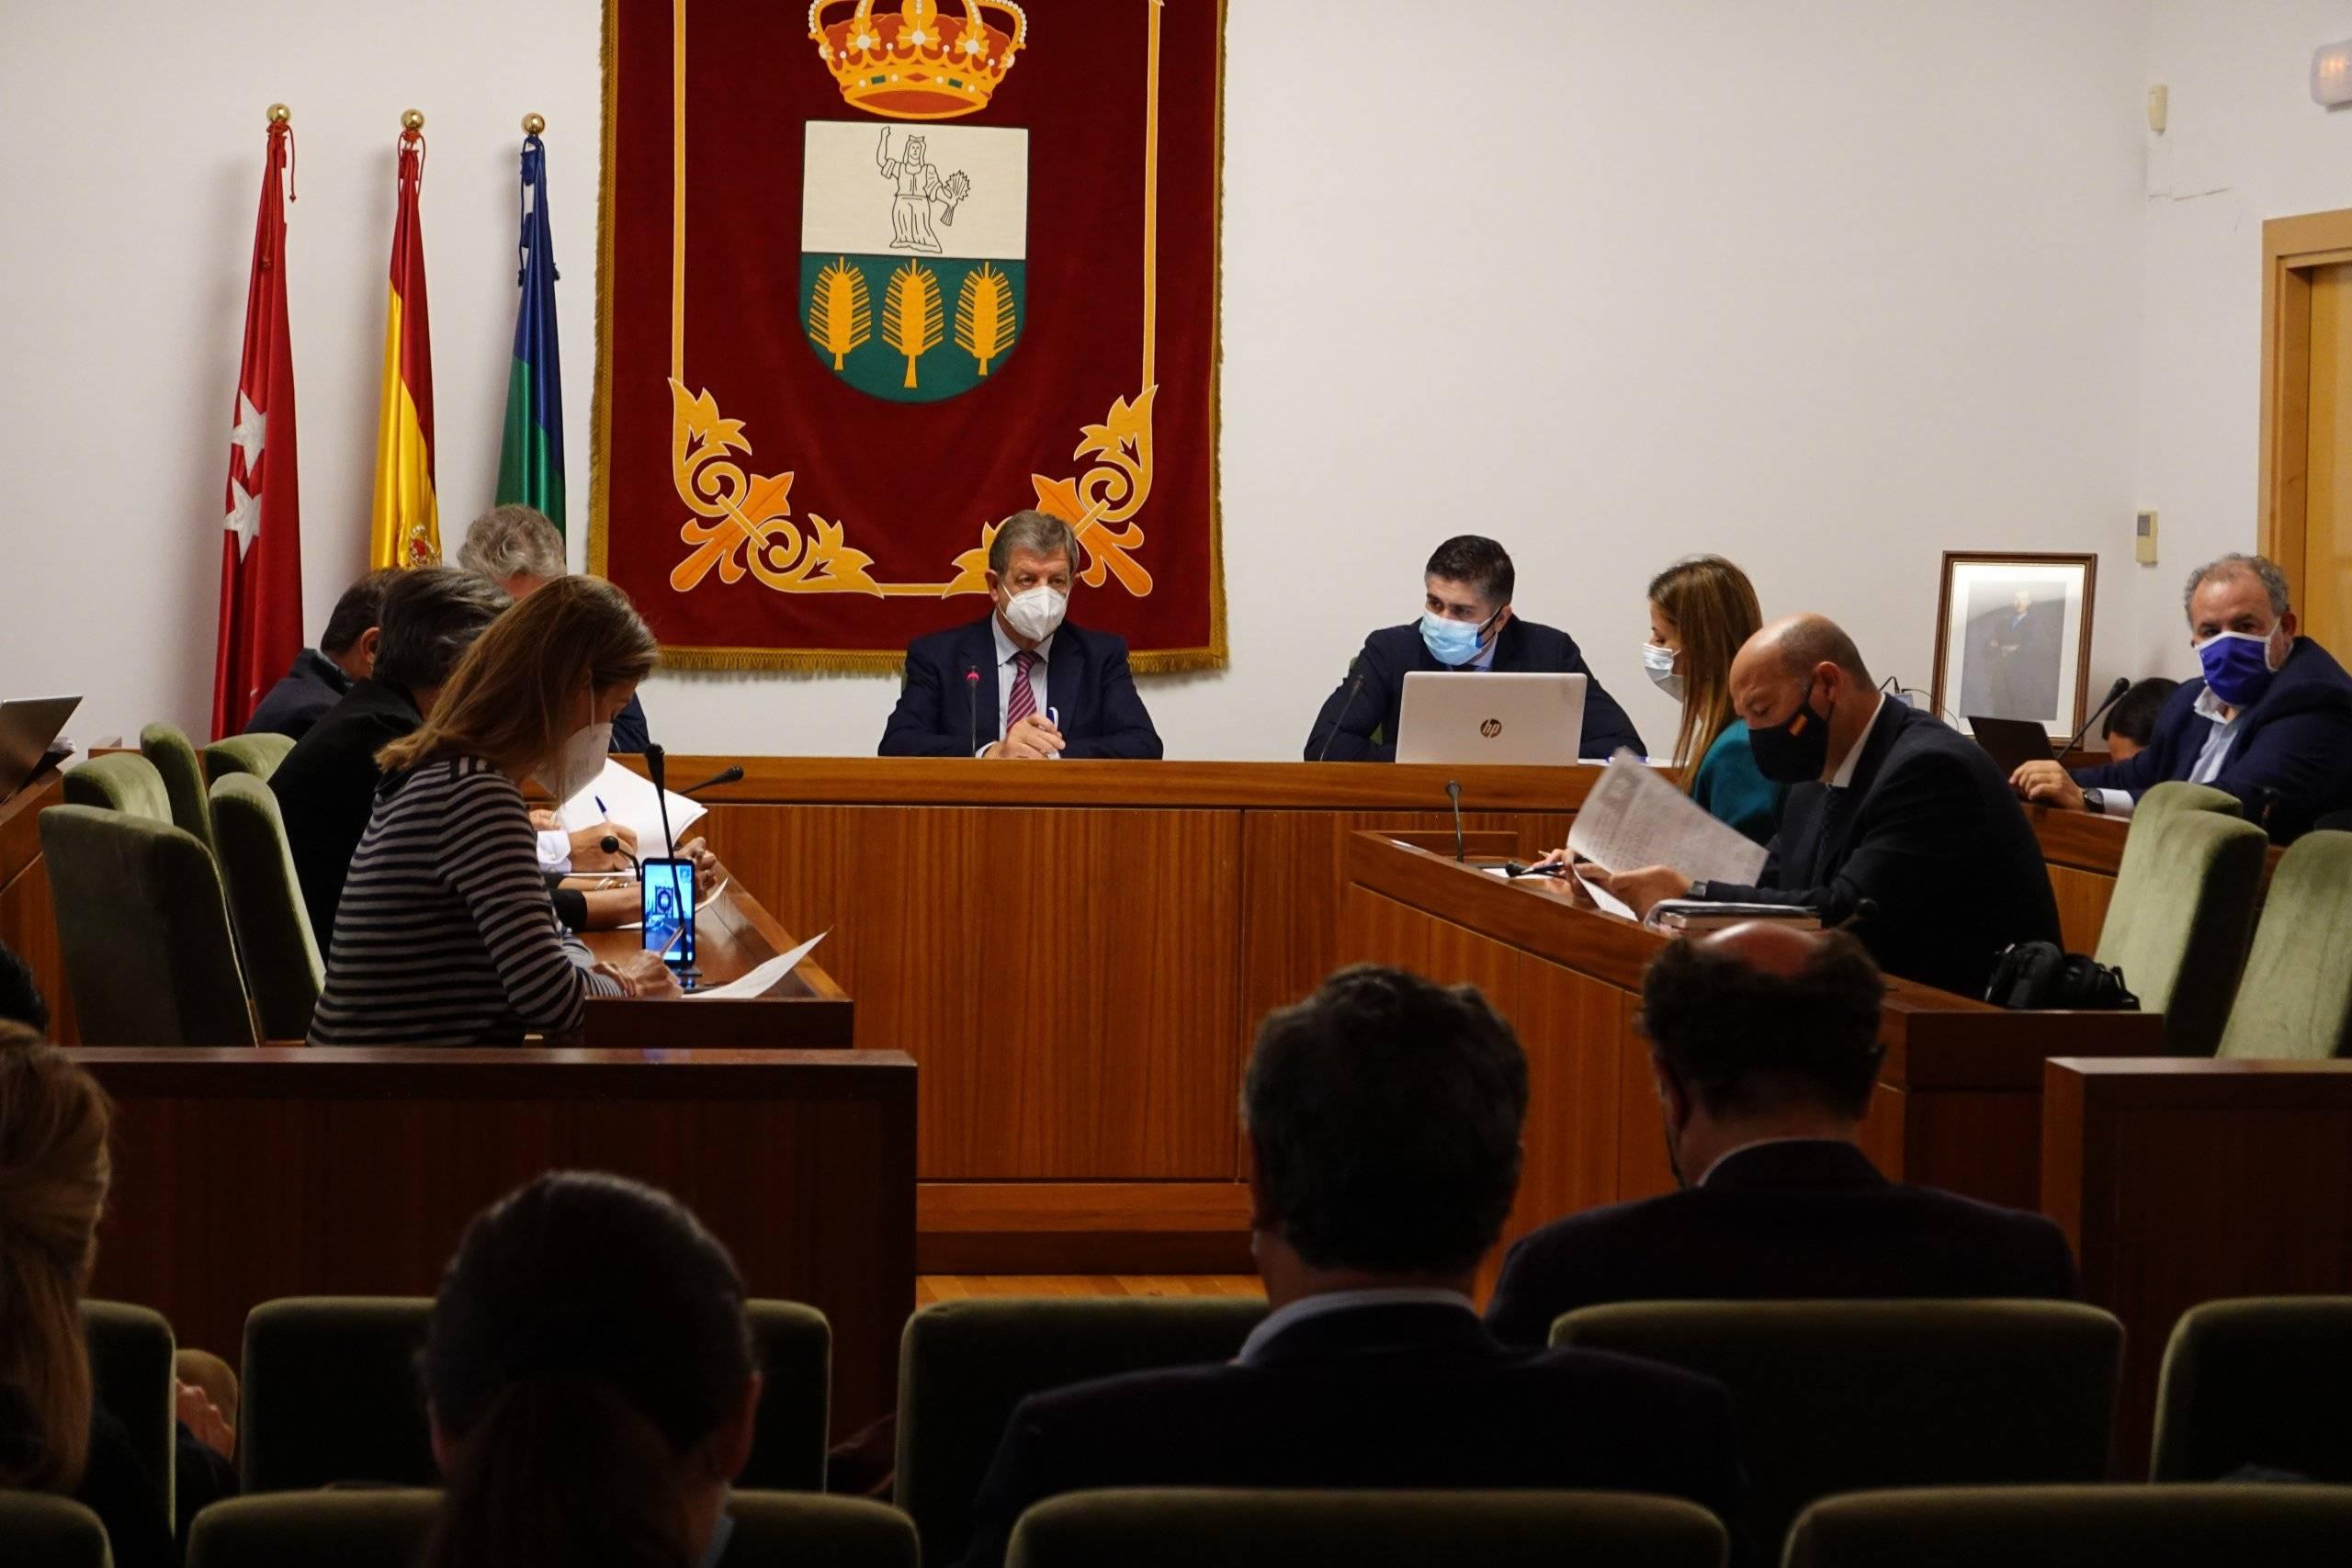 El alcalde, Luis Partida, junto al interventor y concejales.